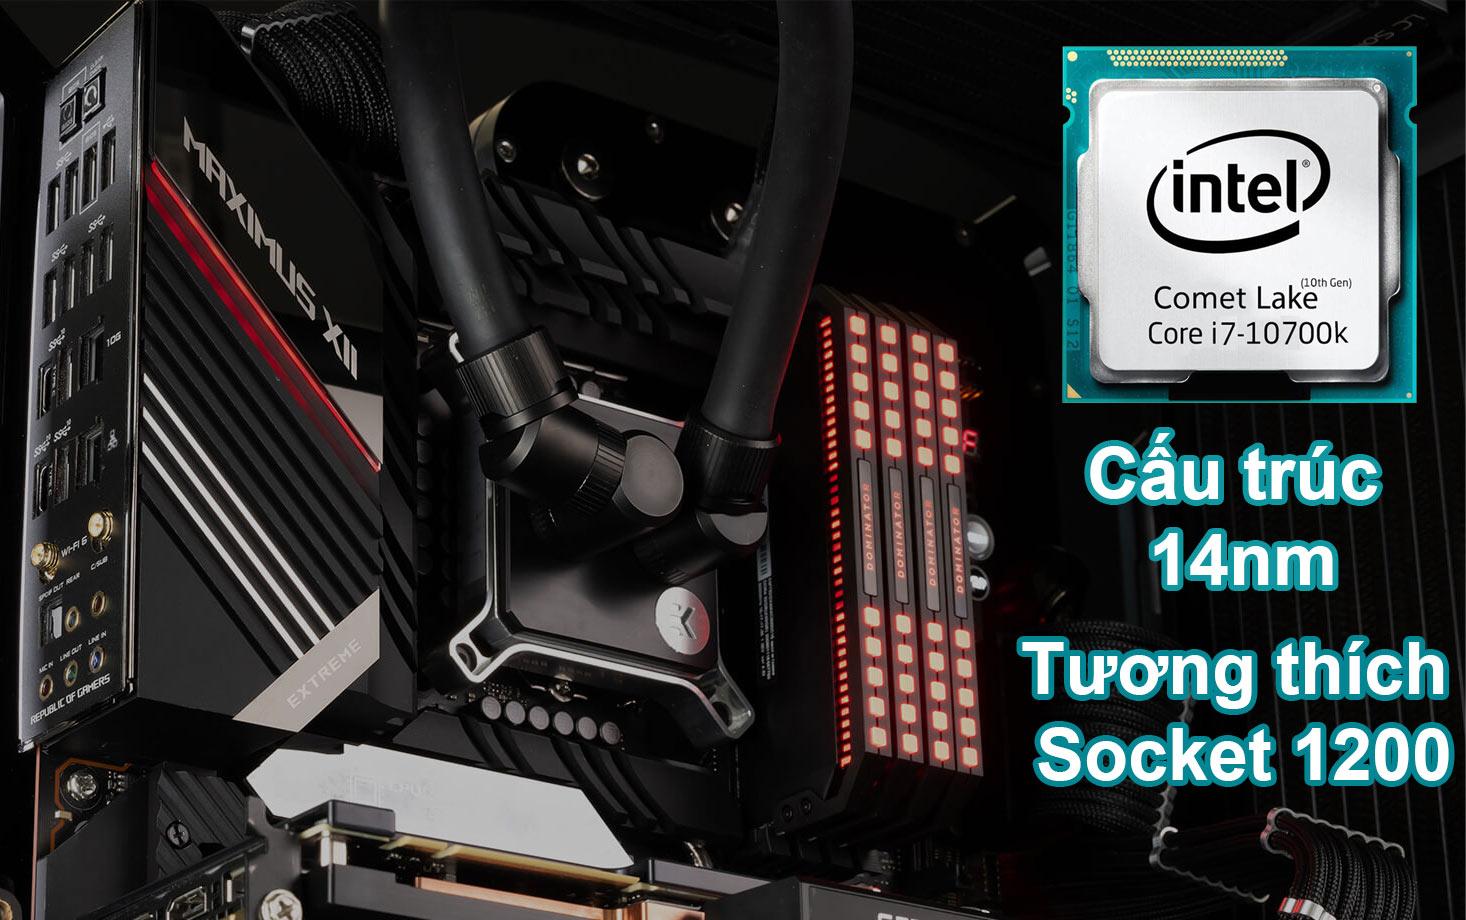 CPU Intel Comet Lake Core i7-10700K | Cấu trúc 14nm, tương thích Socket 1200